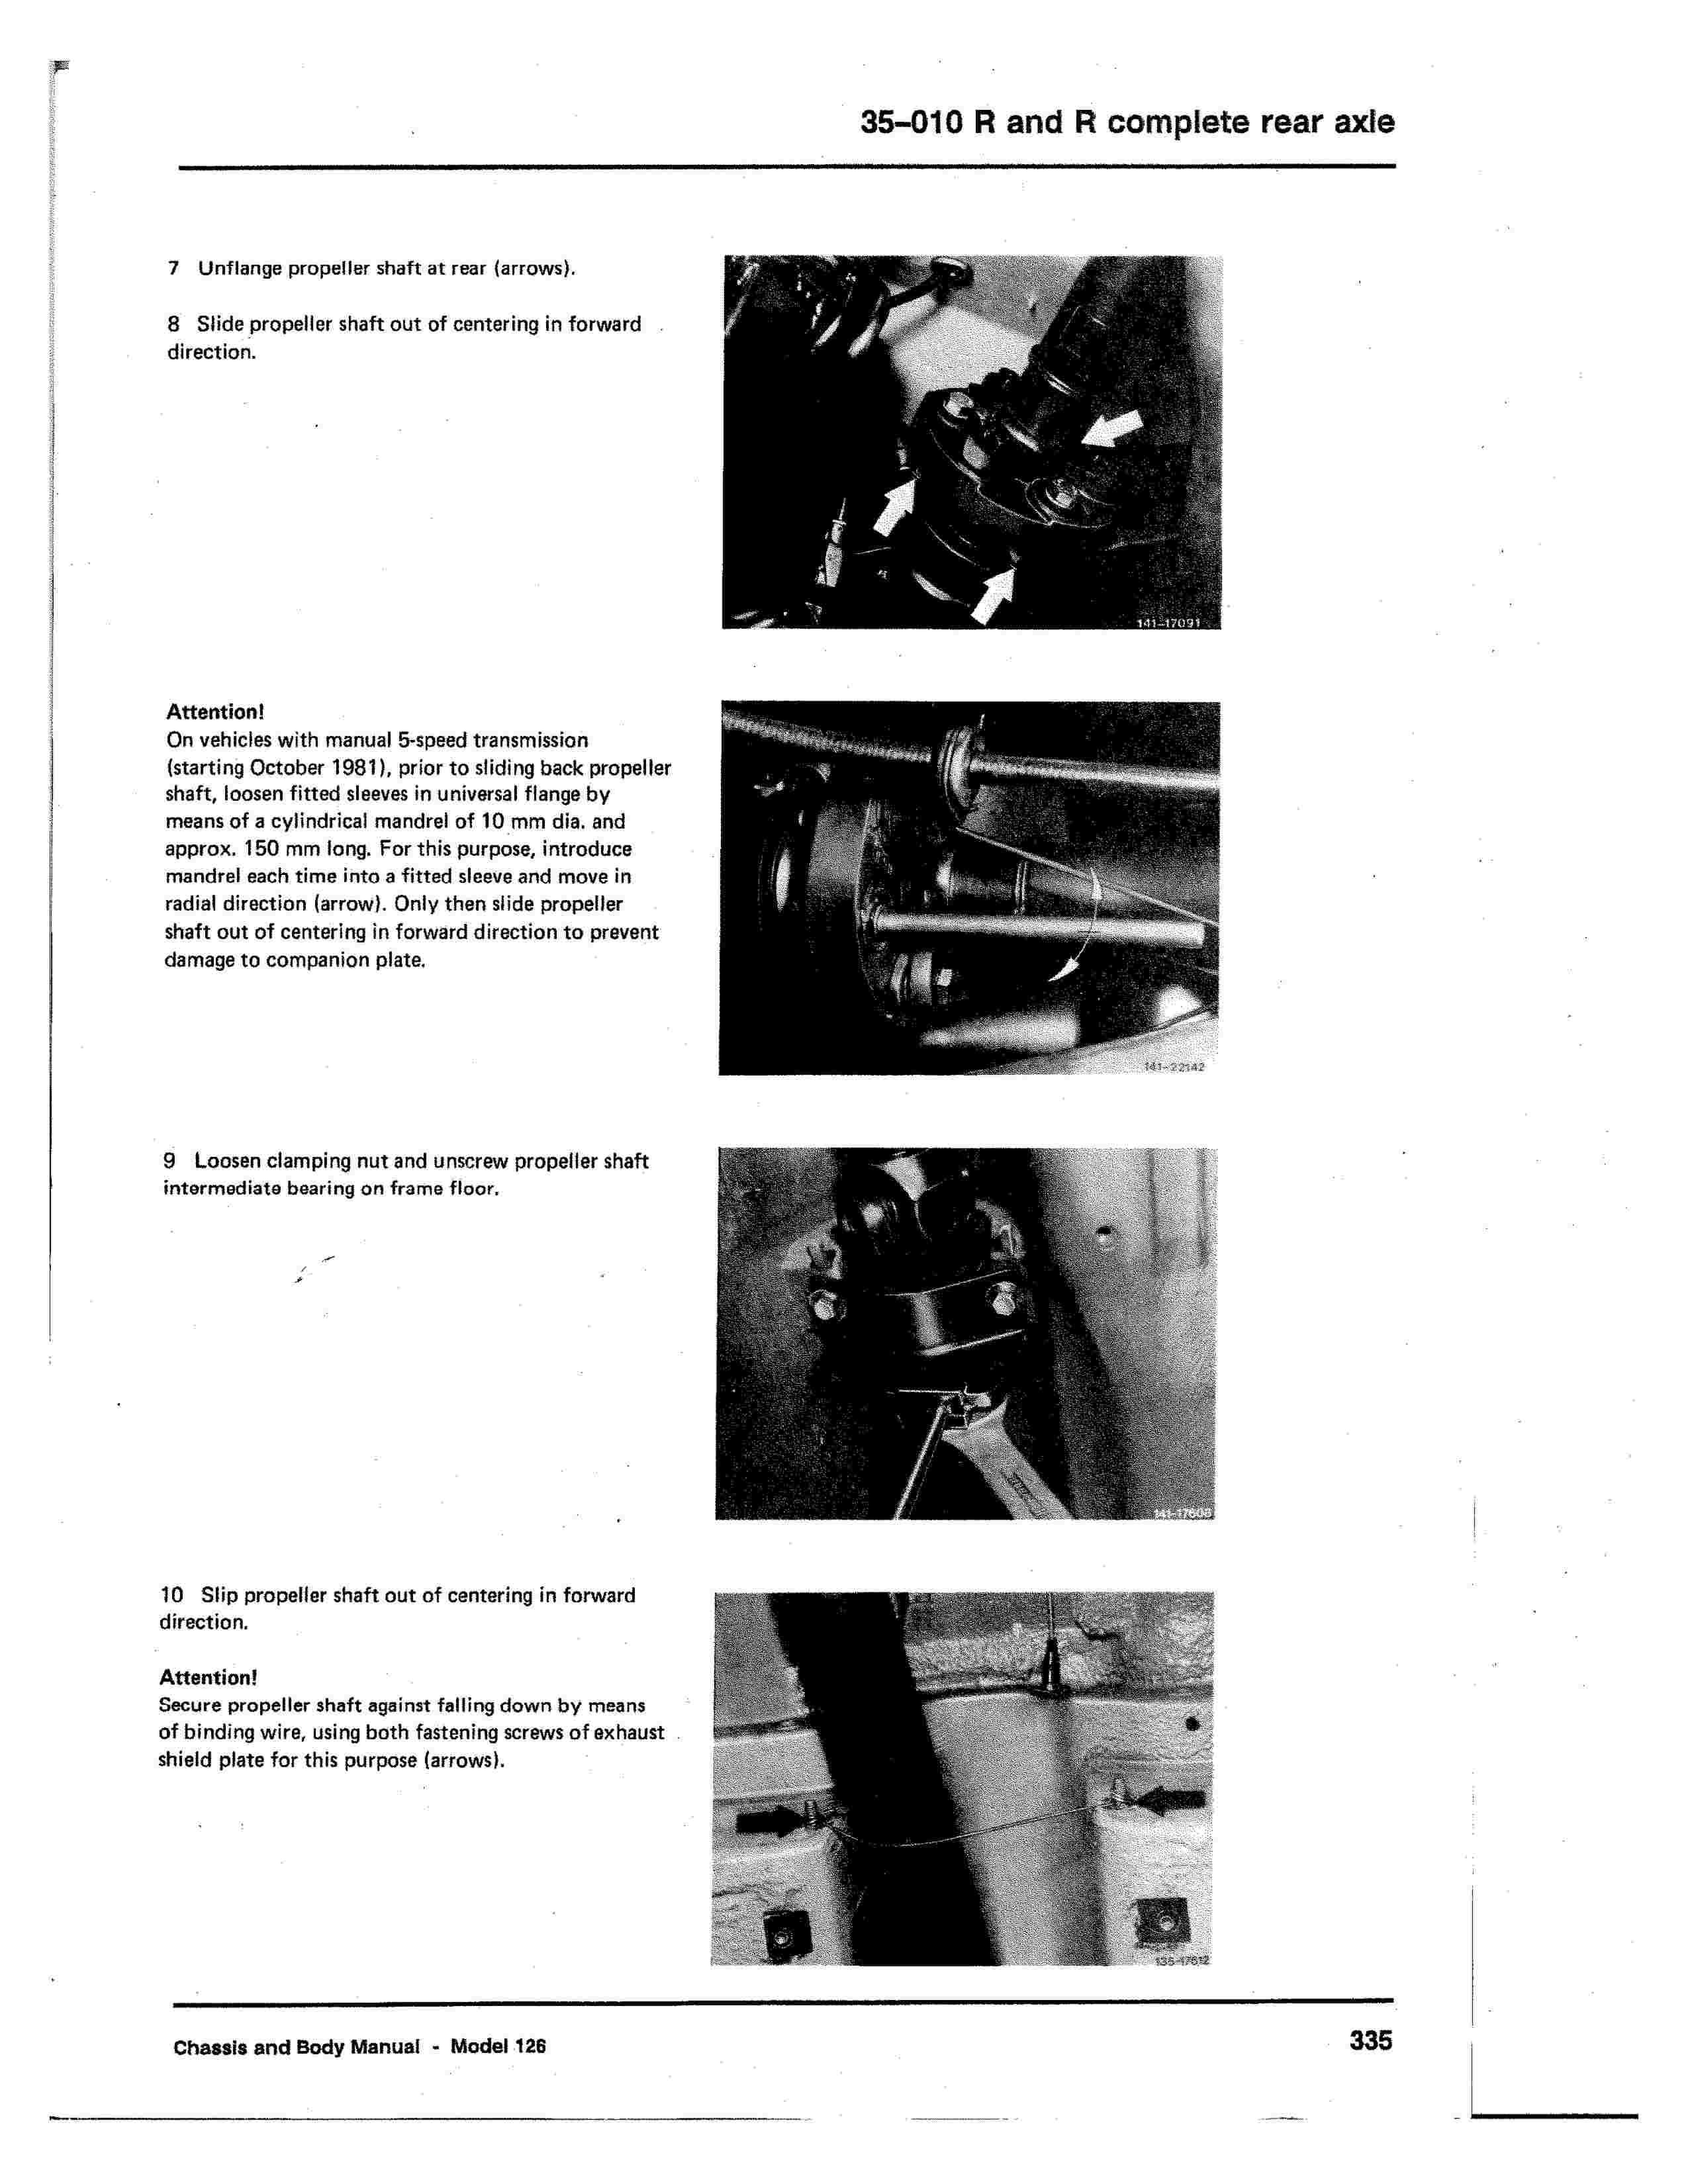 (W126): Diagrama completo da suspensão traseira  0003_534